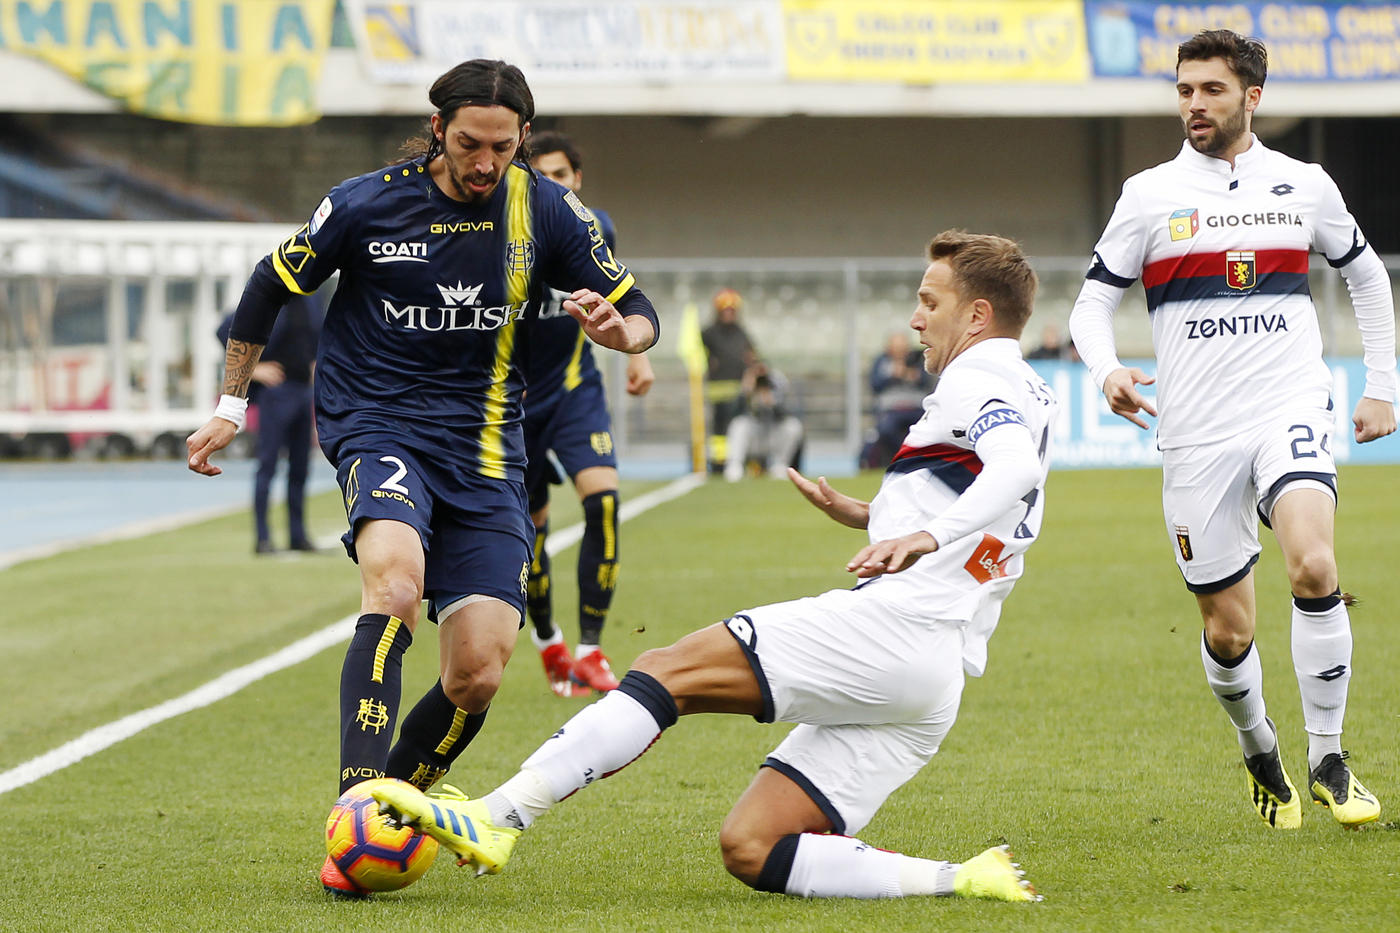 Finisce senza reti e senza emozioni la sfida del Bentegodi in Serie A tra Chievo Verona e Genoa. Lo 0-0 interno suona quasi come una condanna per i gialloblù di Di Carlo, sempre in ultima posizione con soli 10 punti e a -11 dalla quota salvezza. Le uniche occasioni del Chievo sono due punizioni di Kiyine, mentre Kouamé ha sfiorato il gol di testa per il Genoa. Con questo punto il Grifone sale a quota 29 punti in classifica.